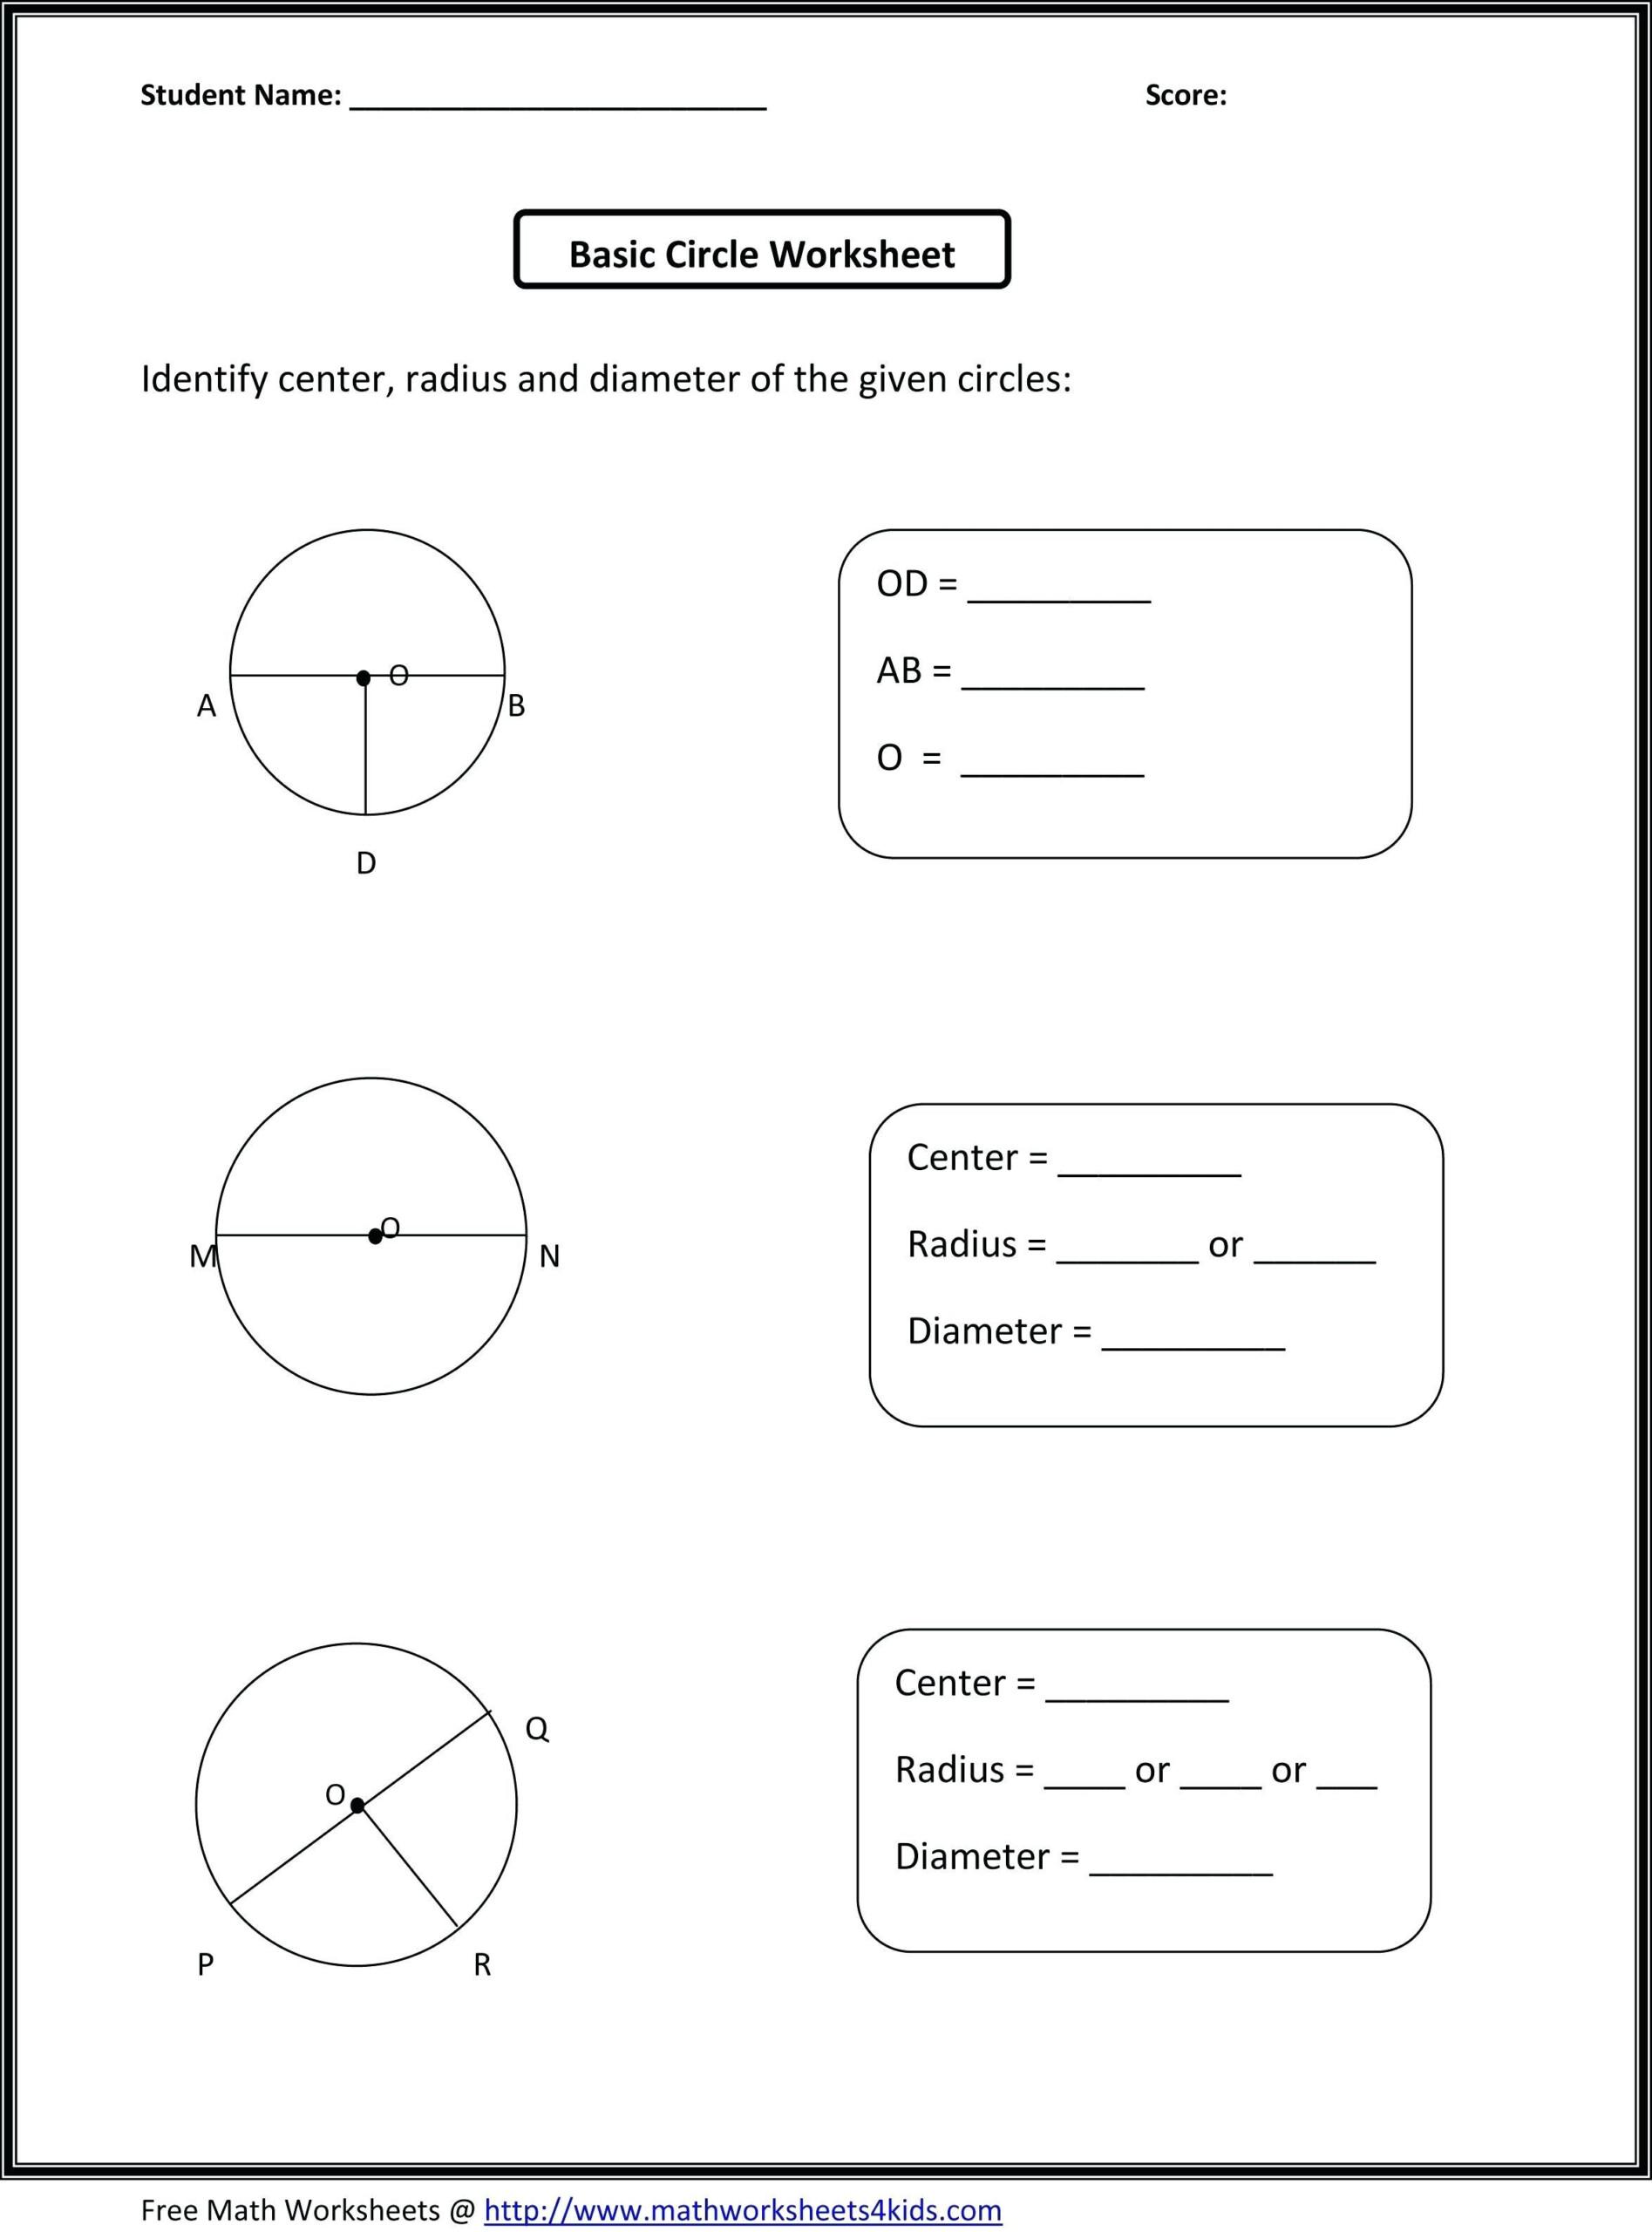 Multiplication Worksheets Entry Level 3